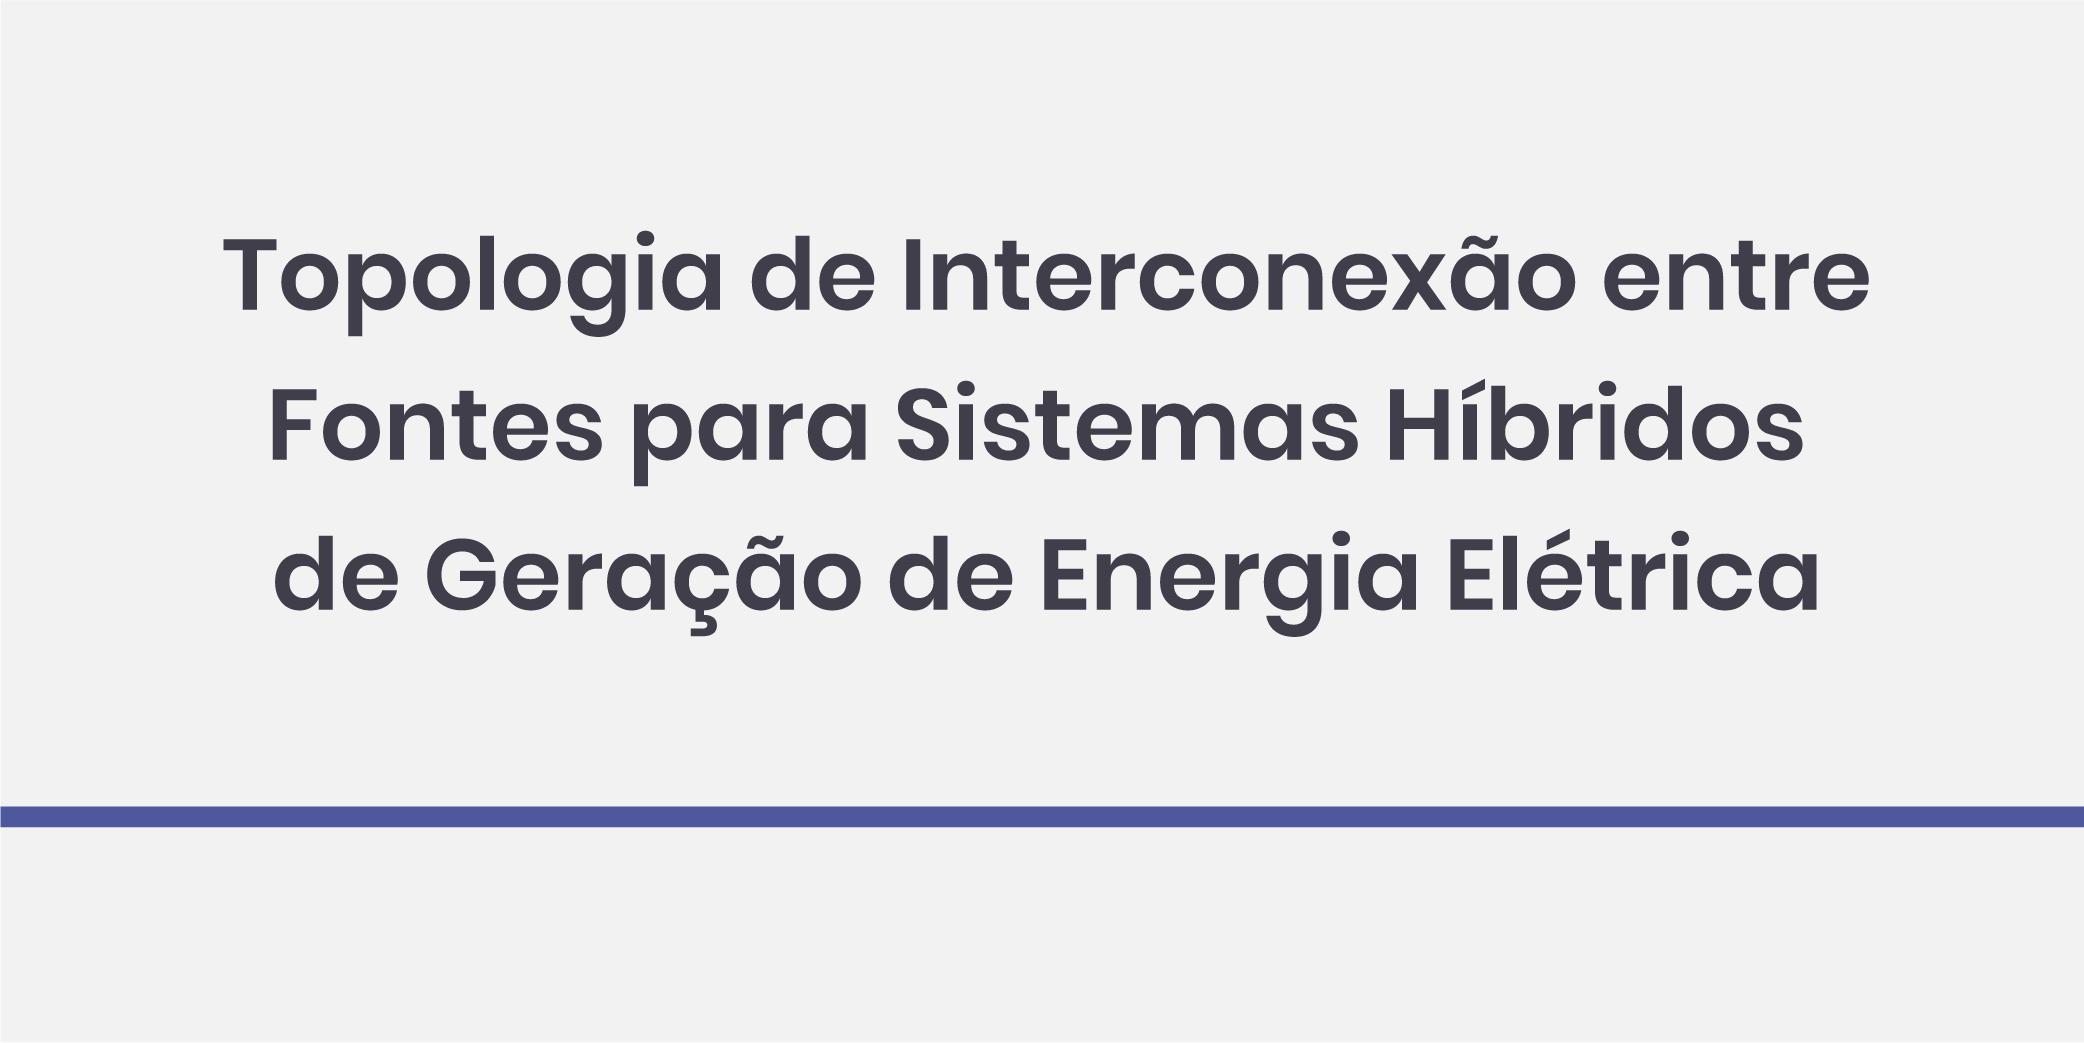 Topologia de Interconexão Entre Fontes para Sistemas Híbridos de Geração de Energia Elétrica 